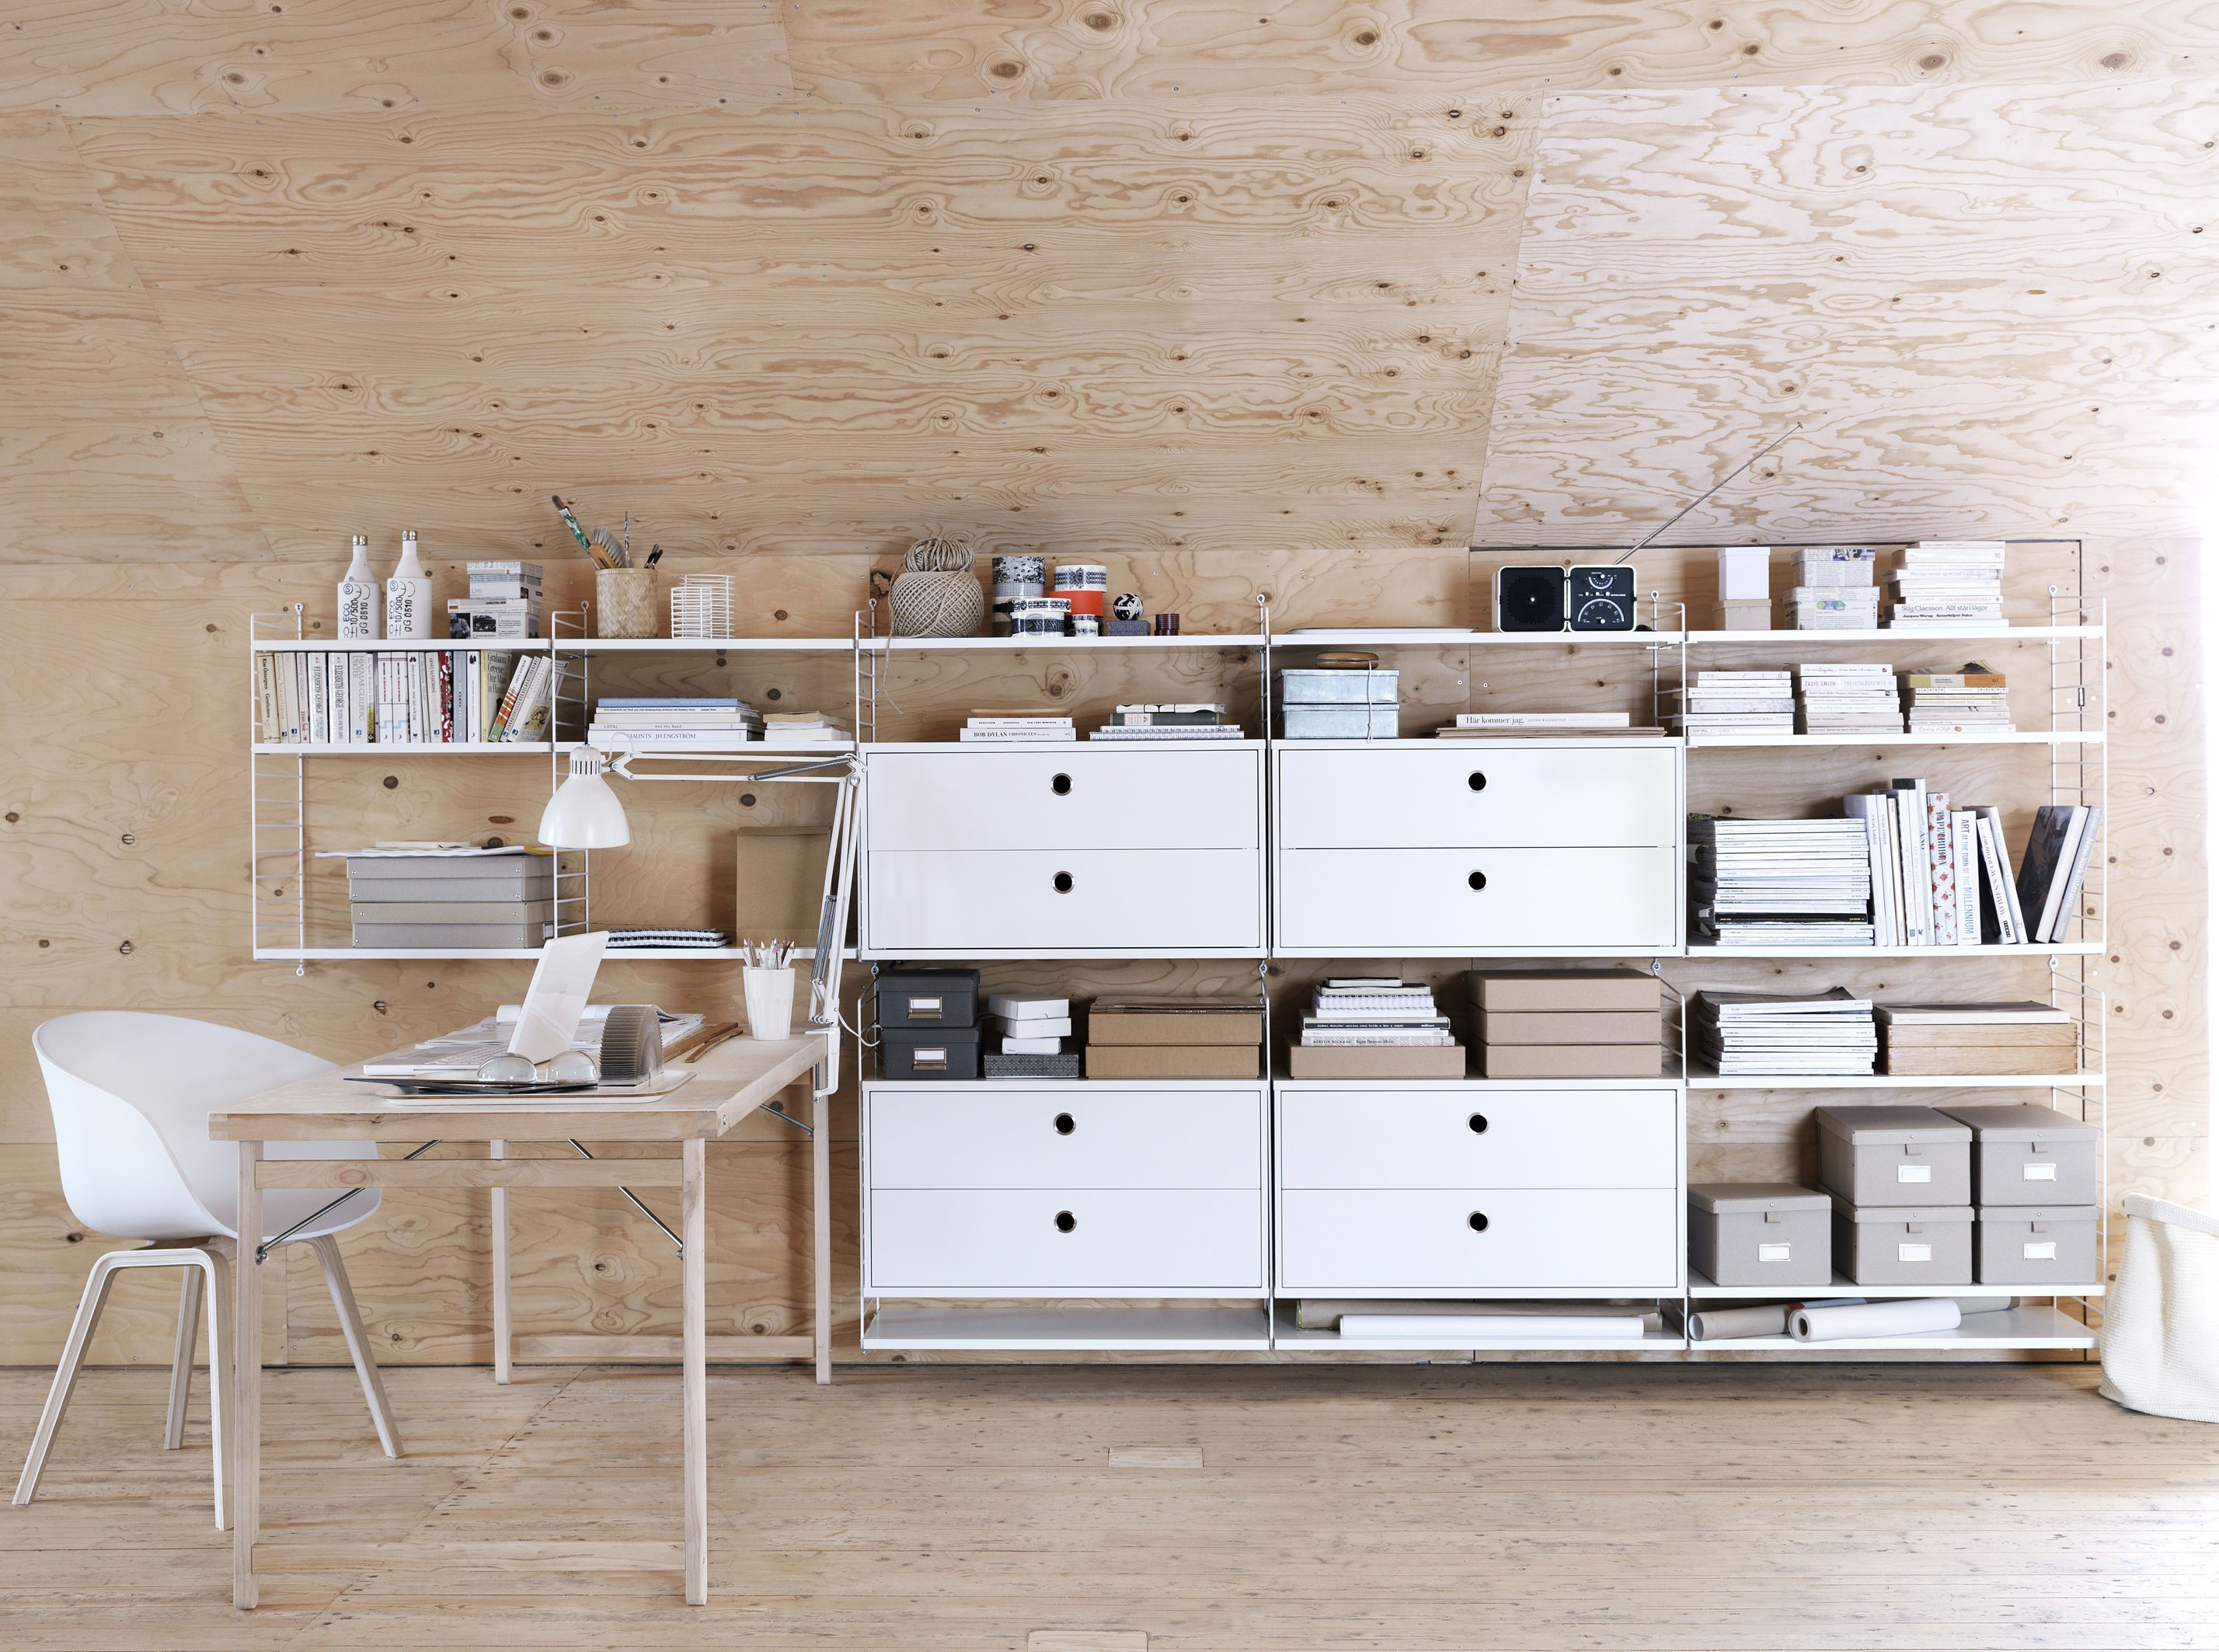 Libreria modulare string: semplicemente funzionale arredare con